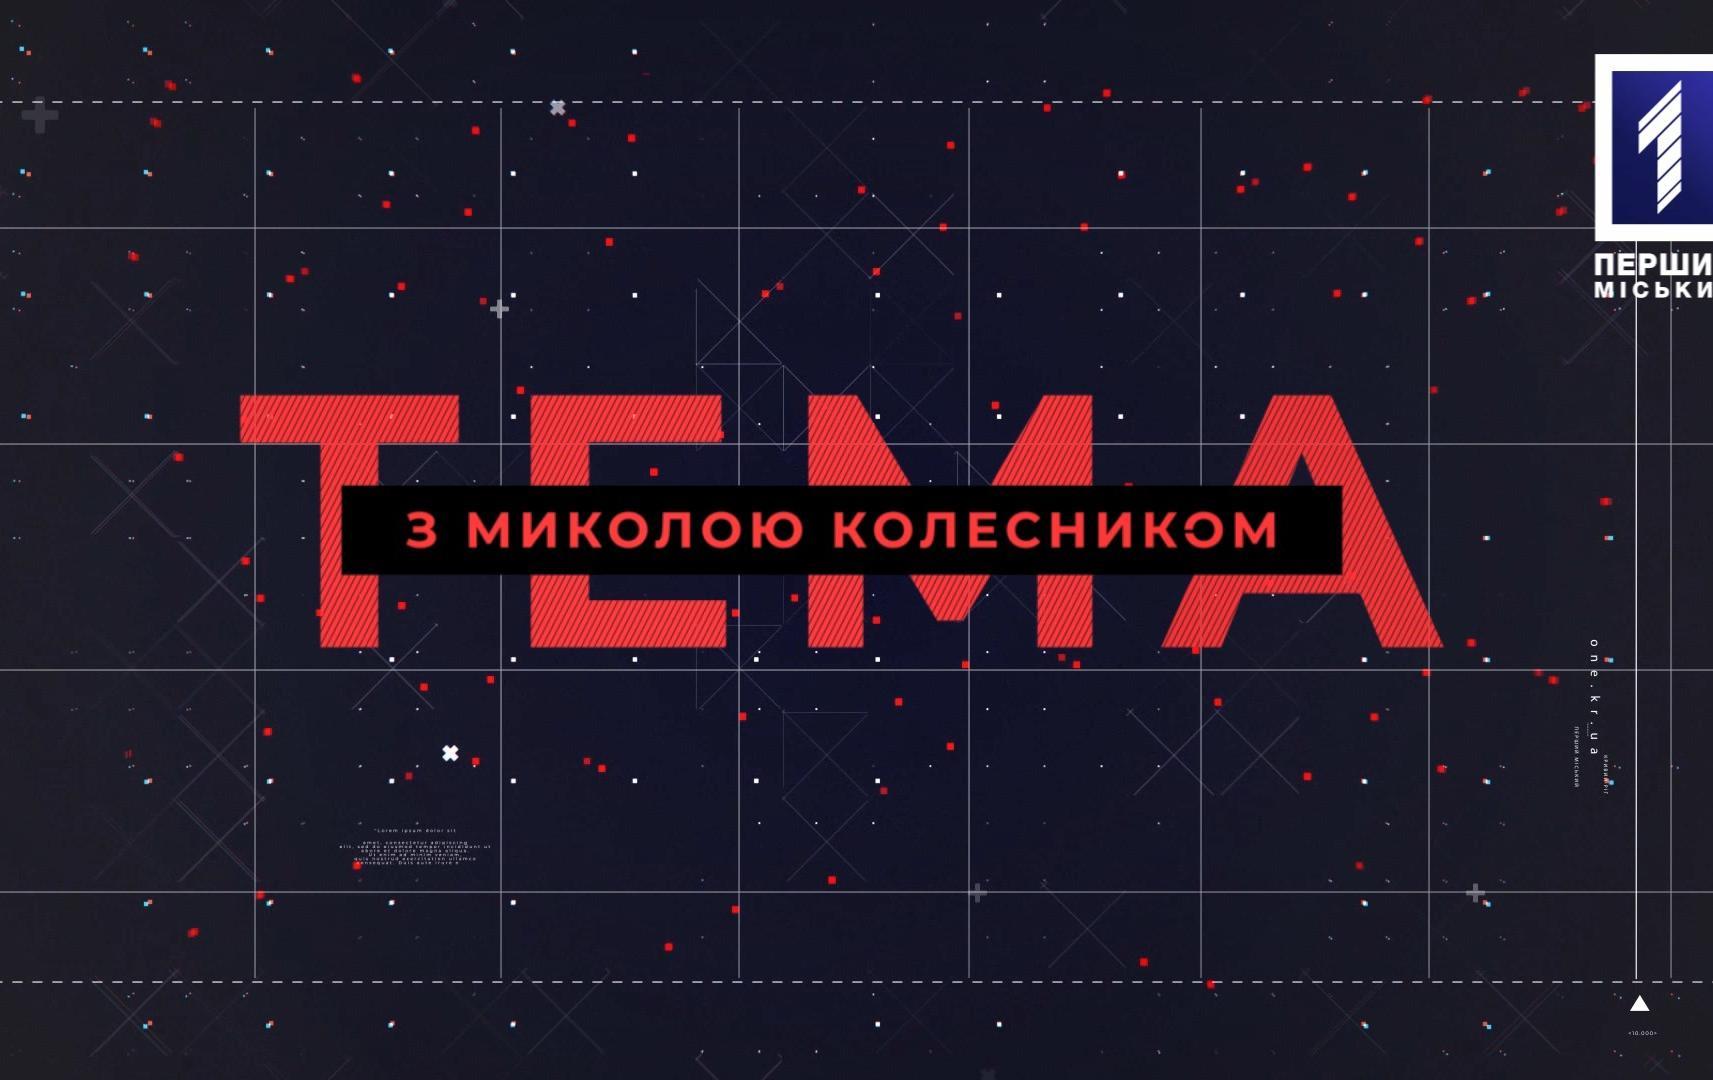 Тема с Николаем Колесником: Остановит ли«Зе-экоцид» проверка экоинспекции